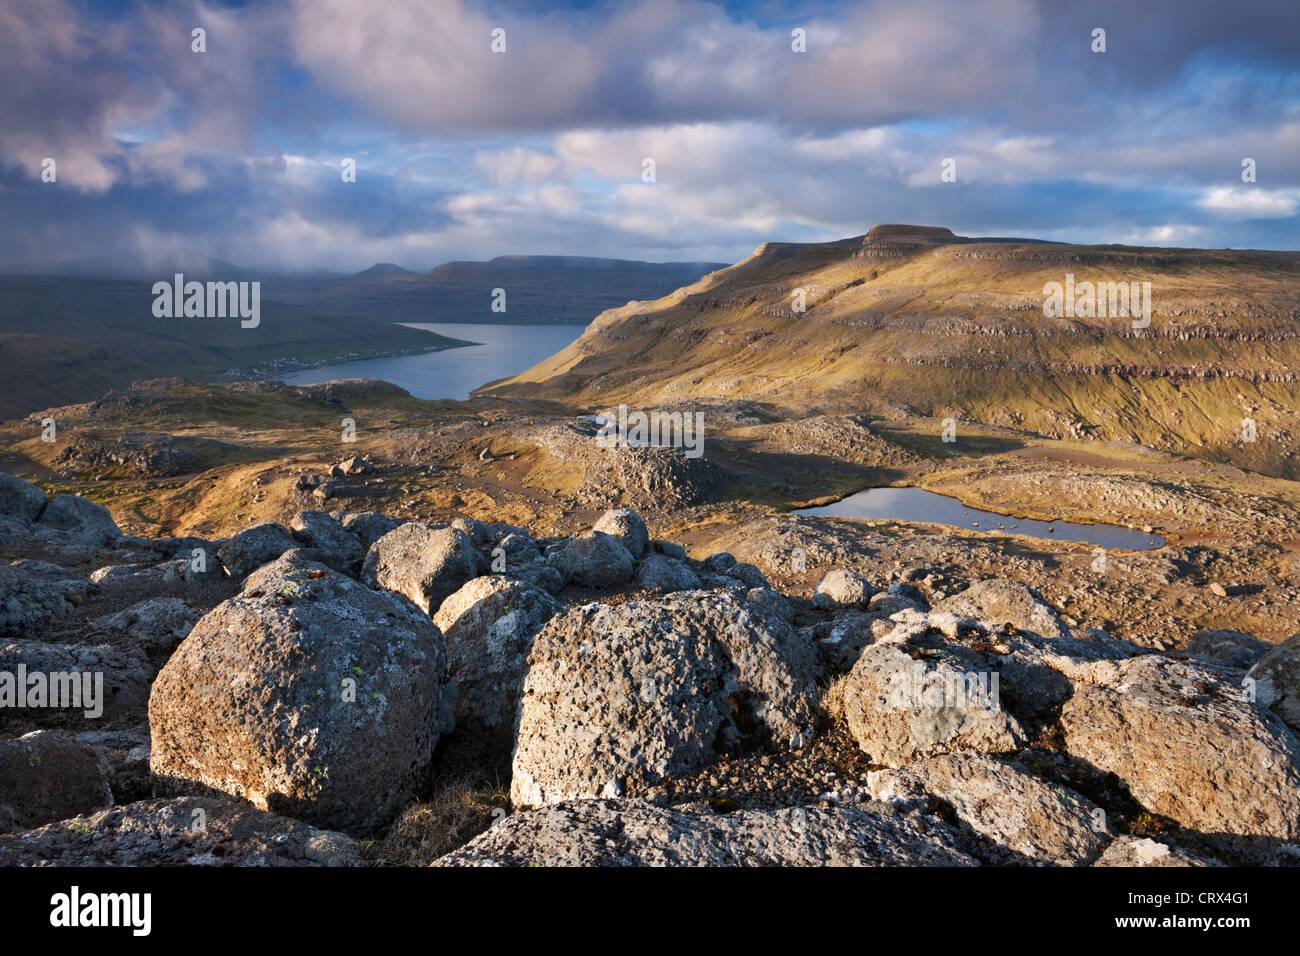 Bergwelt auf der Insel Streymoy, Färöer-Inseln. (Juni) Frühjahr 2012. Stockbild